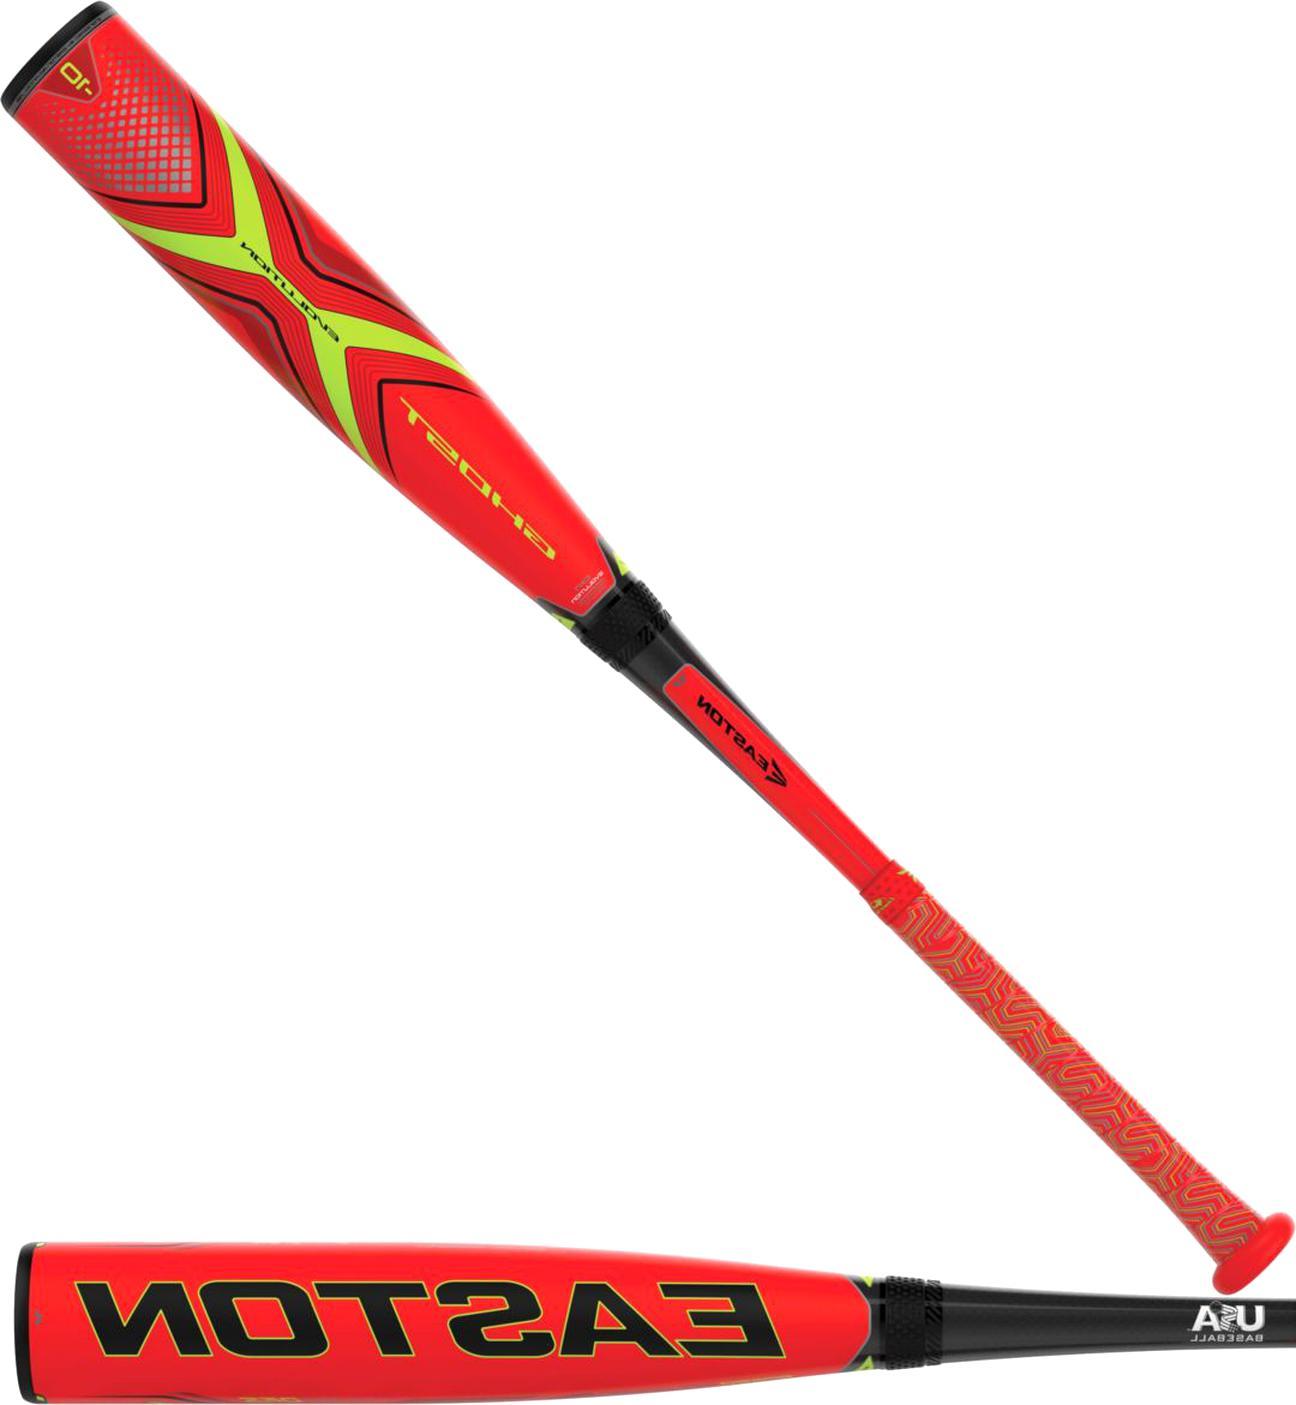 x bat for sale